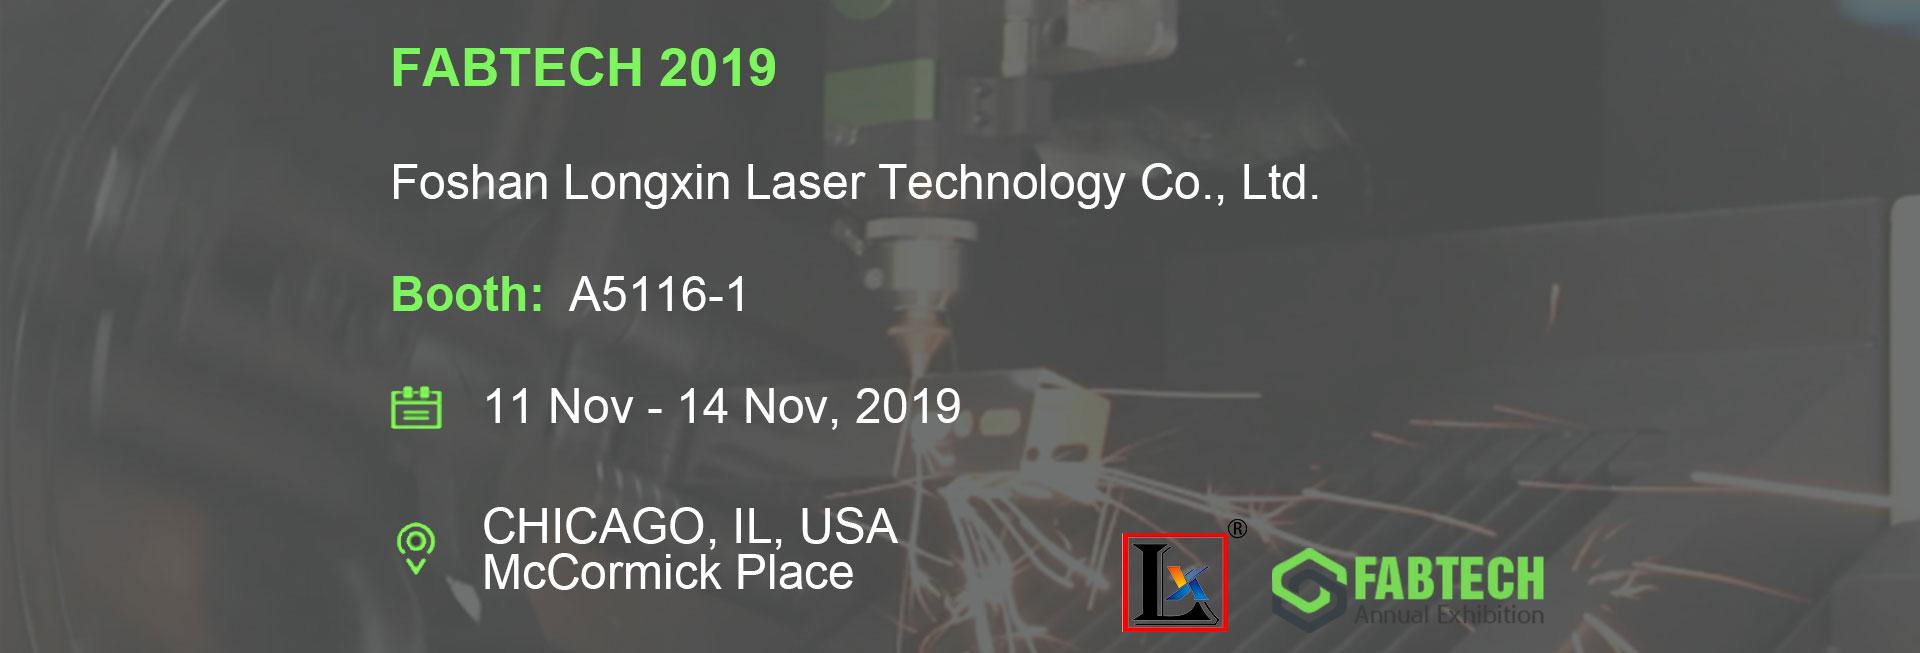 FABTECH 2019, Chicago, USA